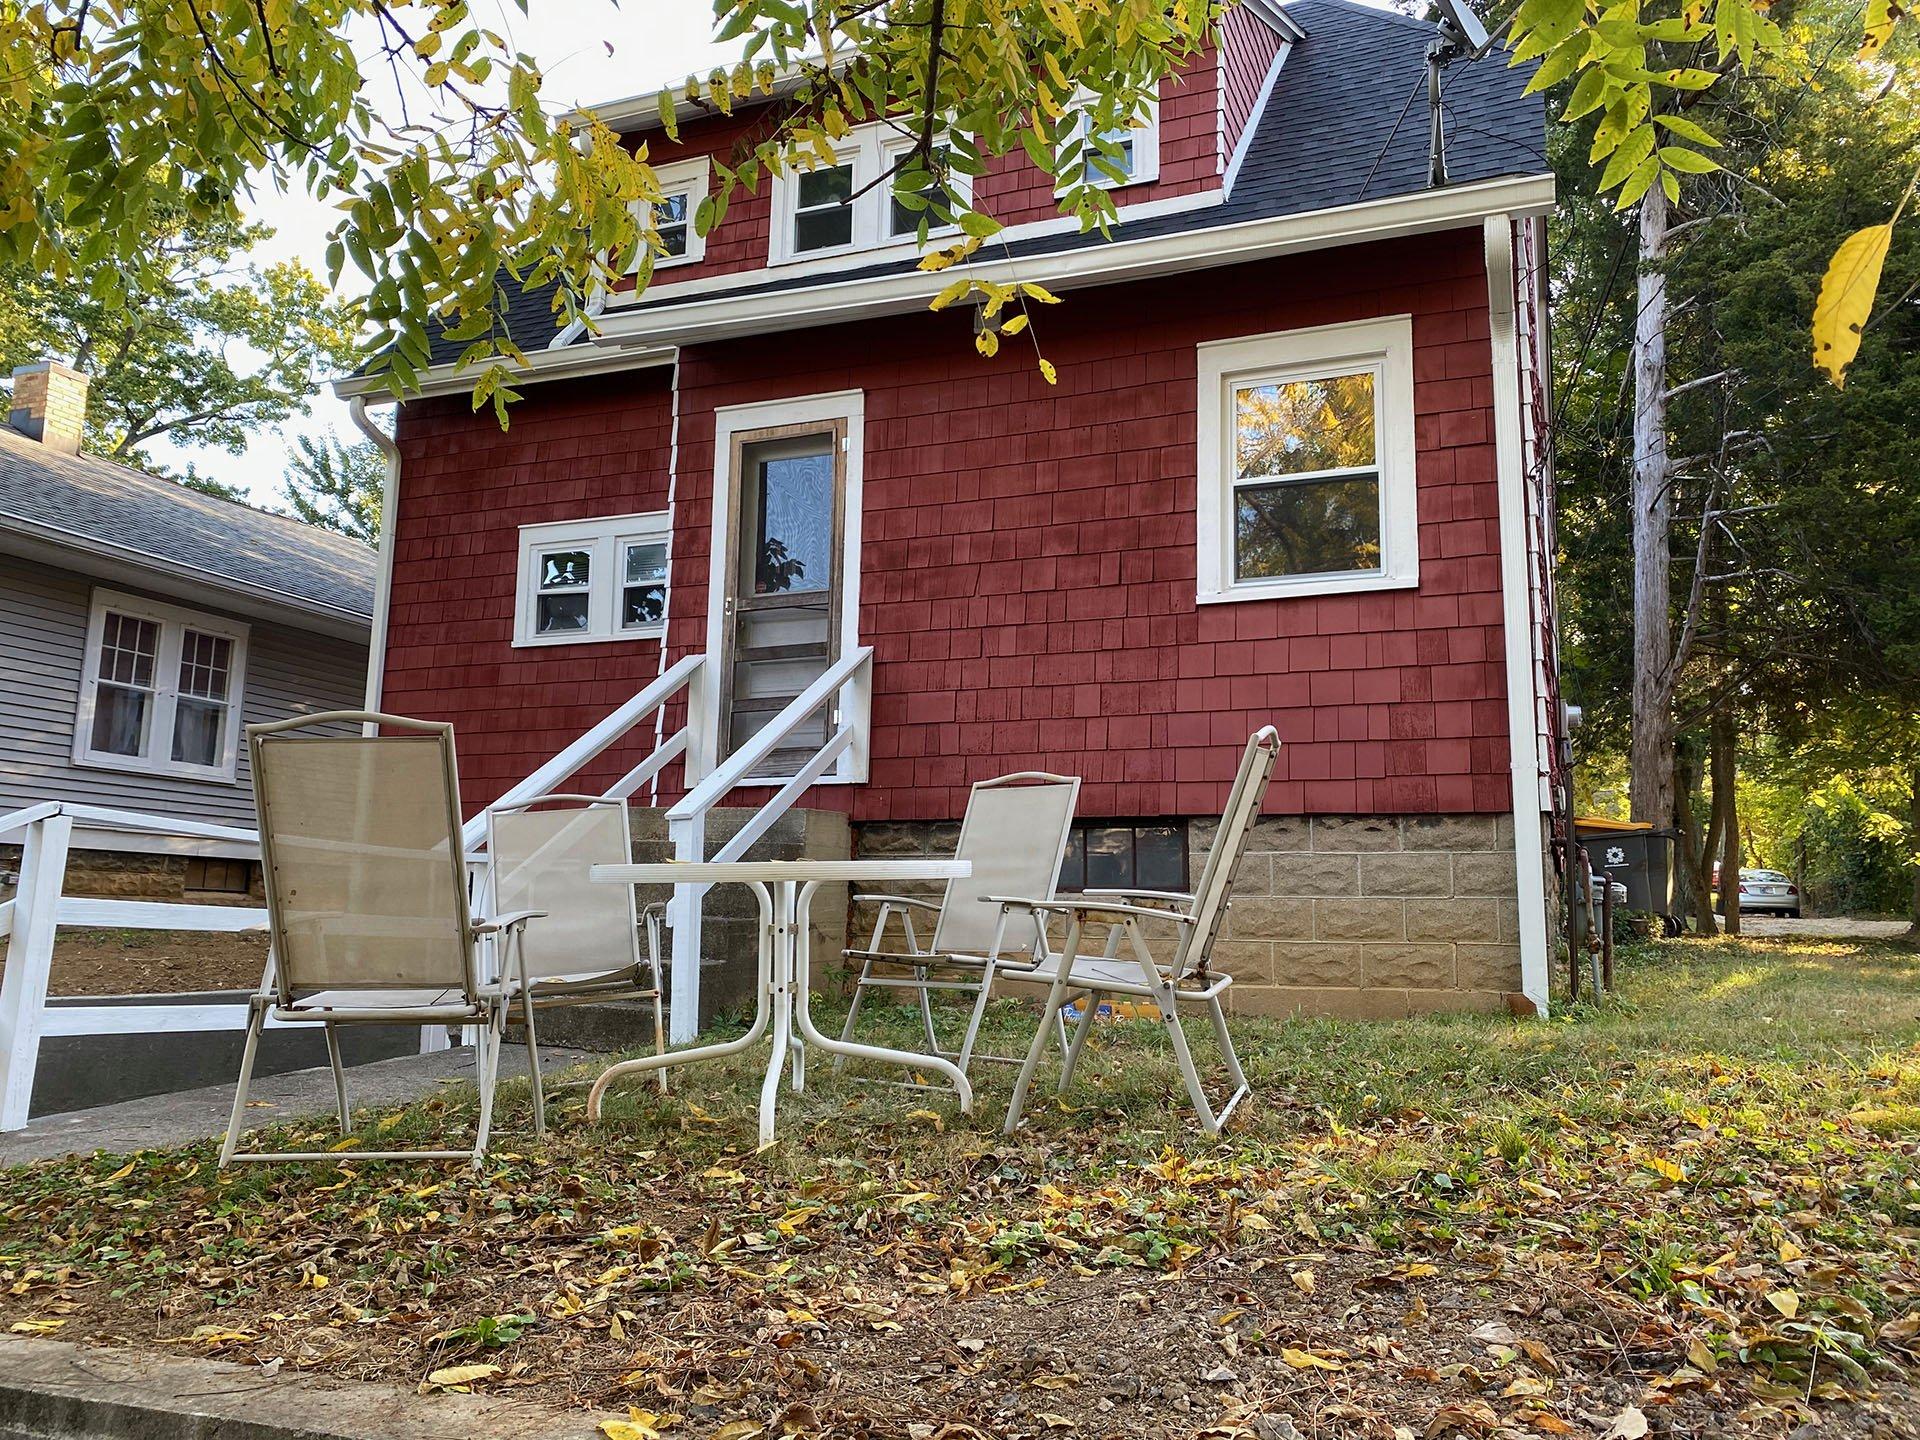 713 N Park Big Backyard